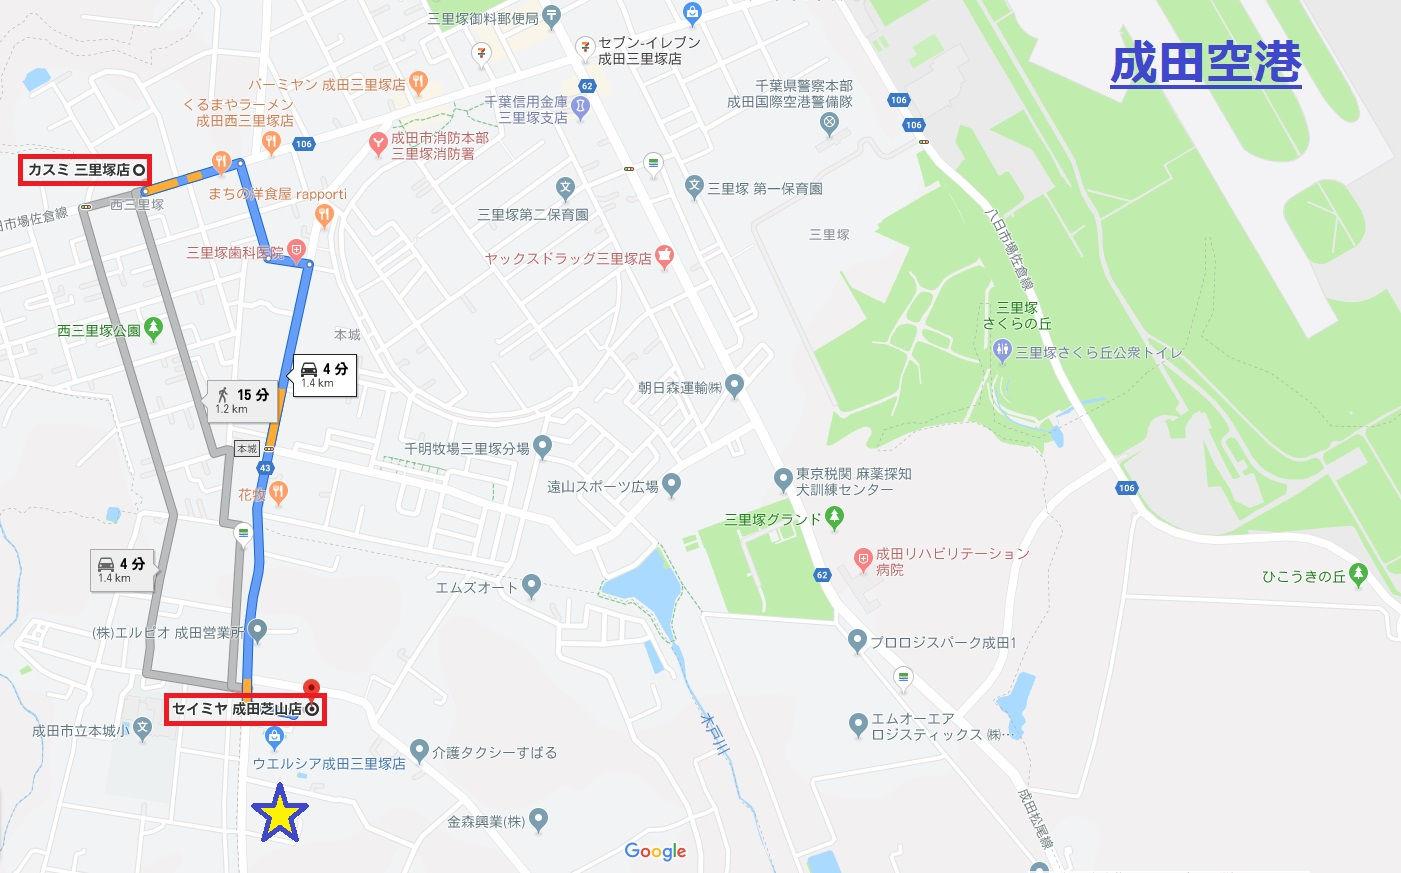 成田三里塚地域のスーパーの位置関係